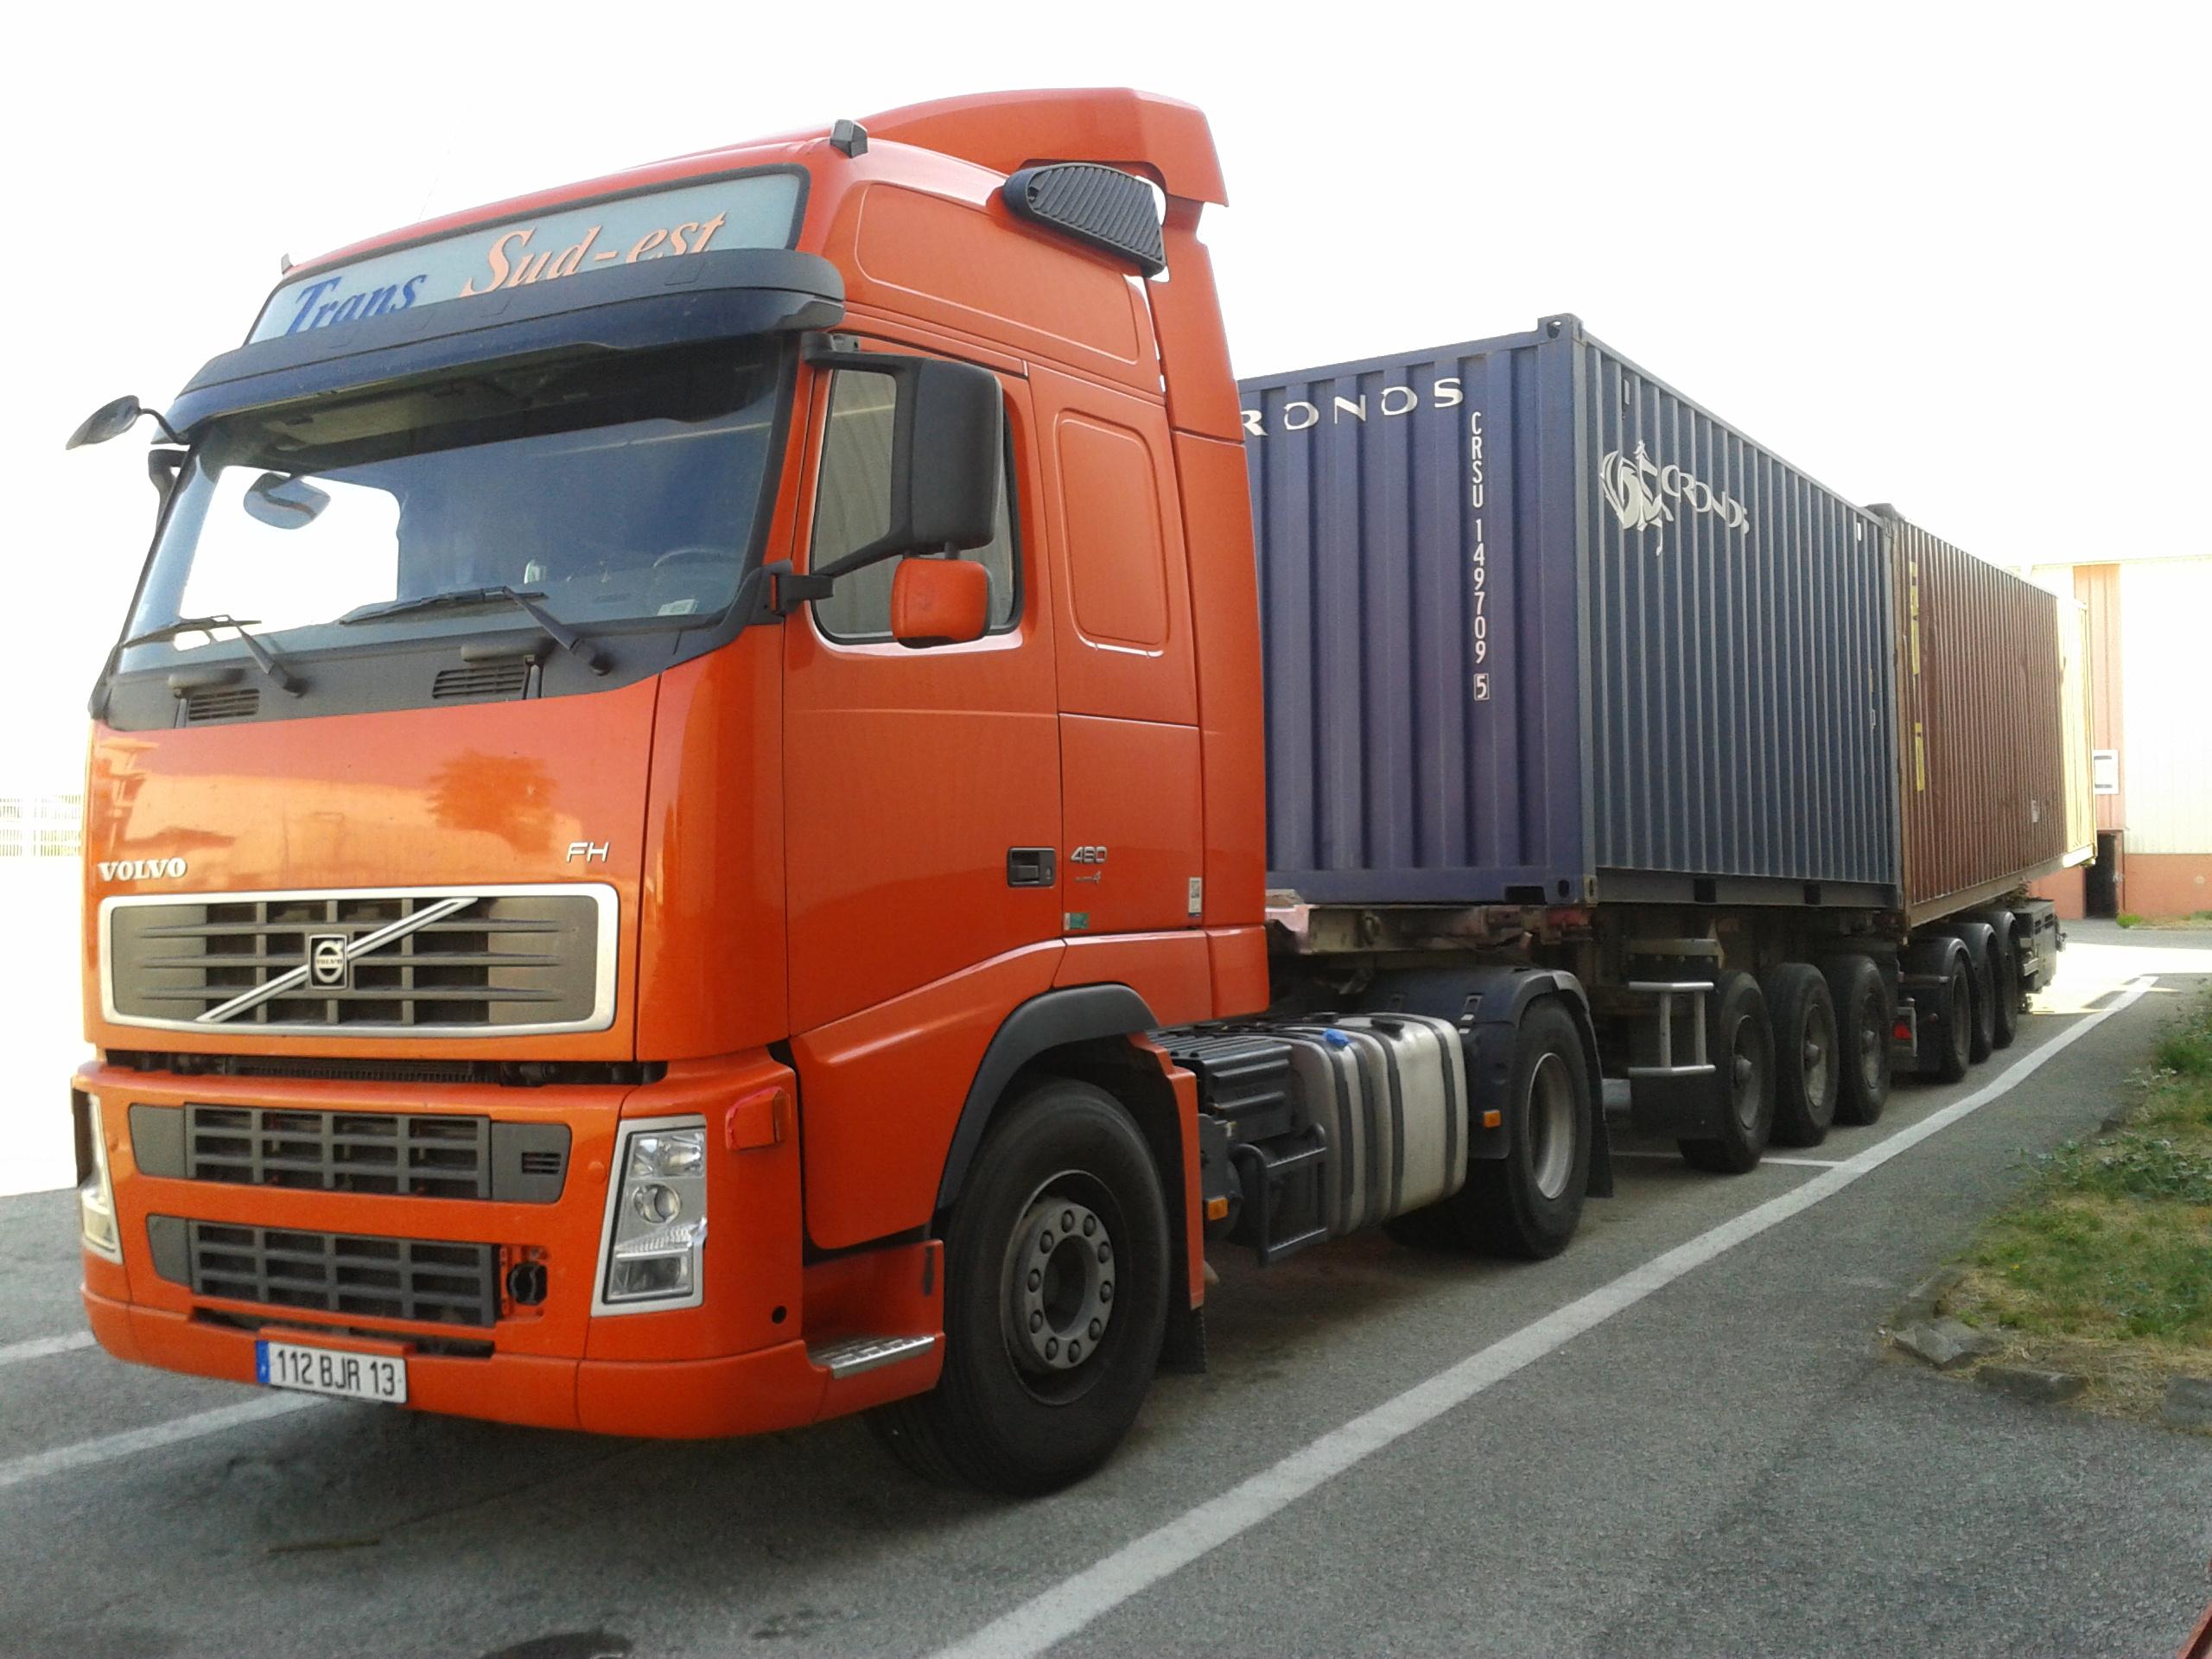 Trans sud est traction de conteneurs for Conteneur economique